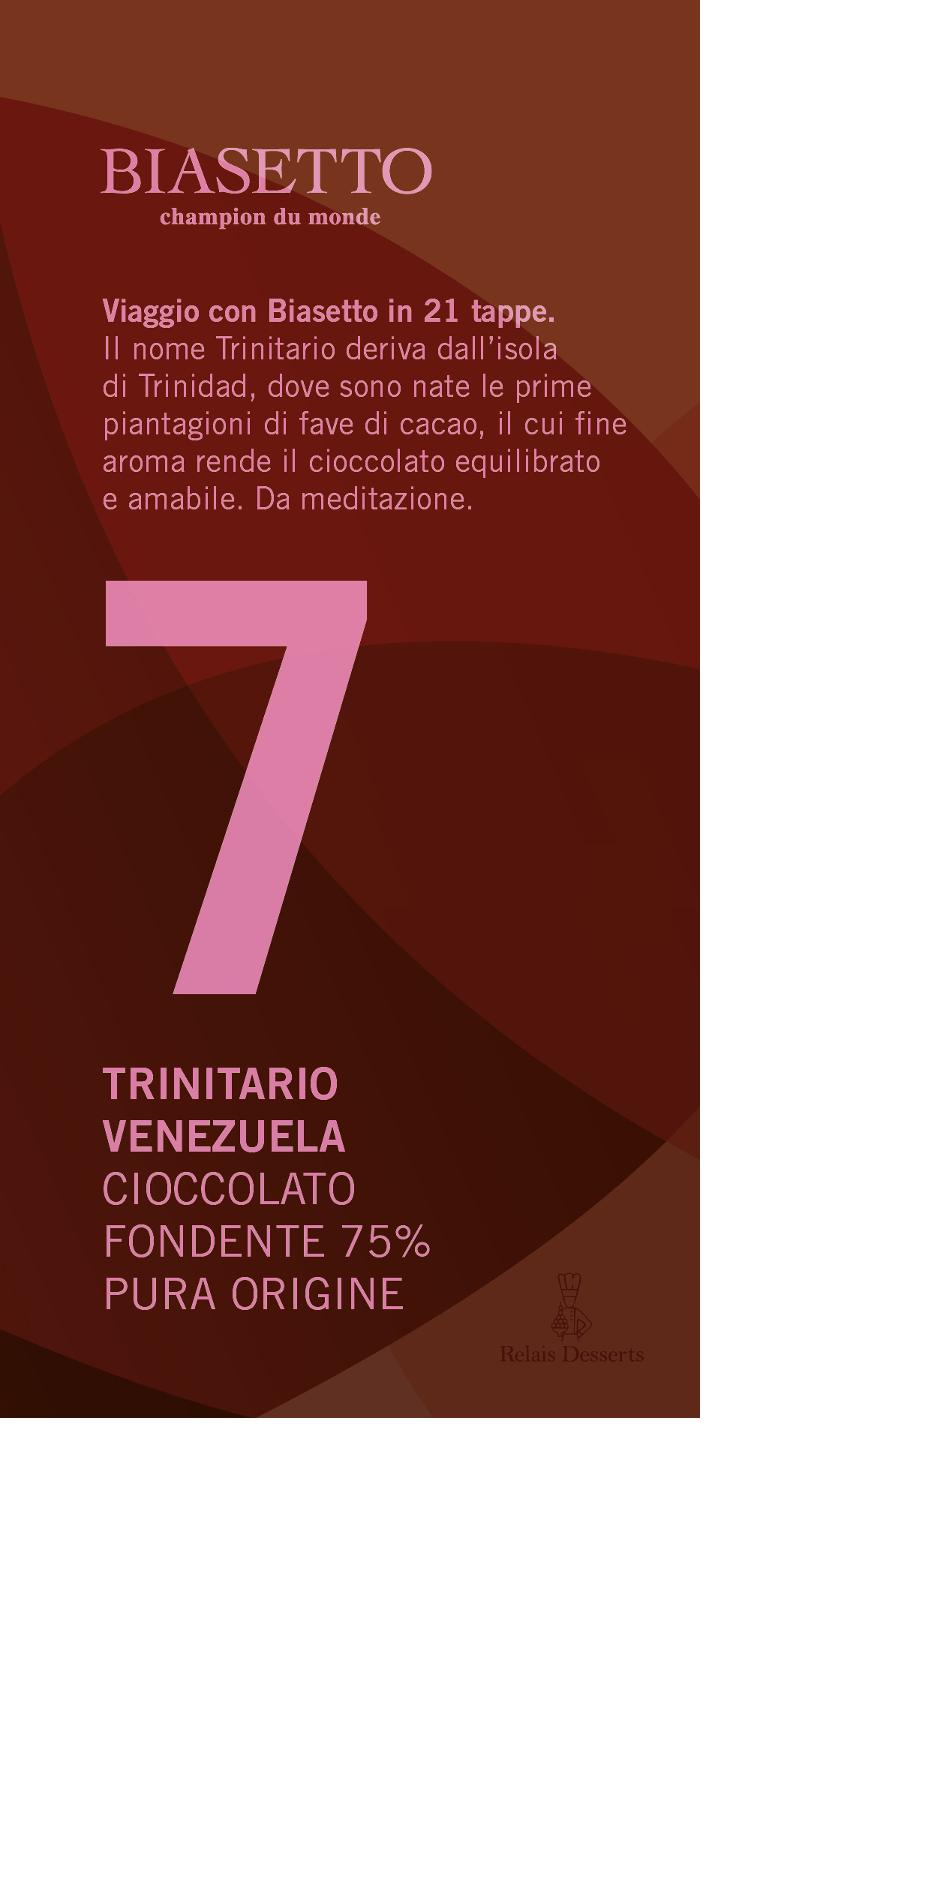 Tavoletta 7: Trinitario Venezuela